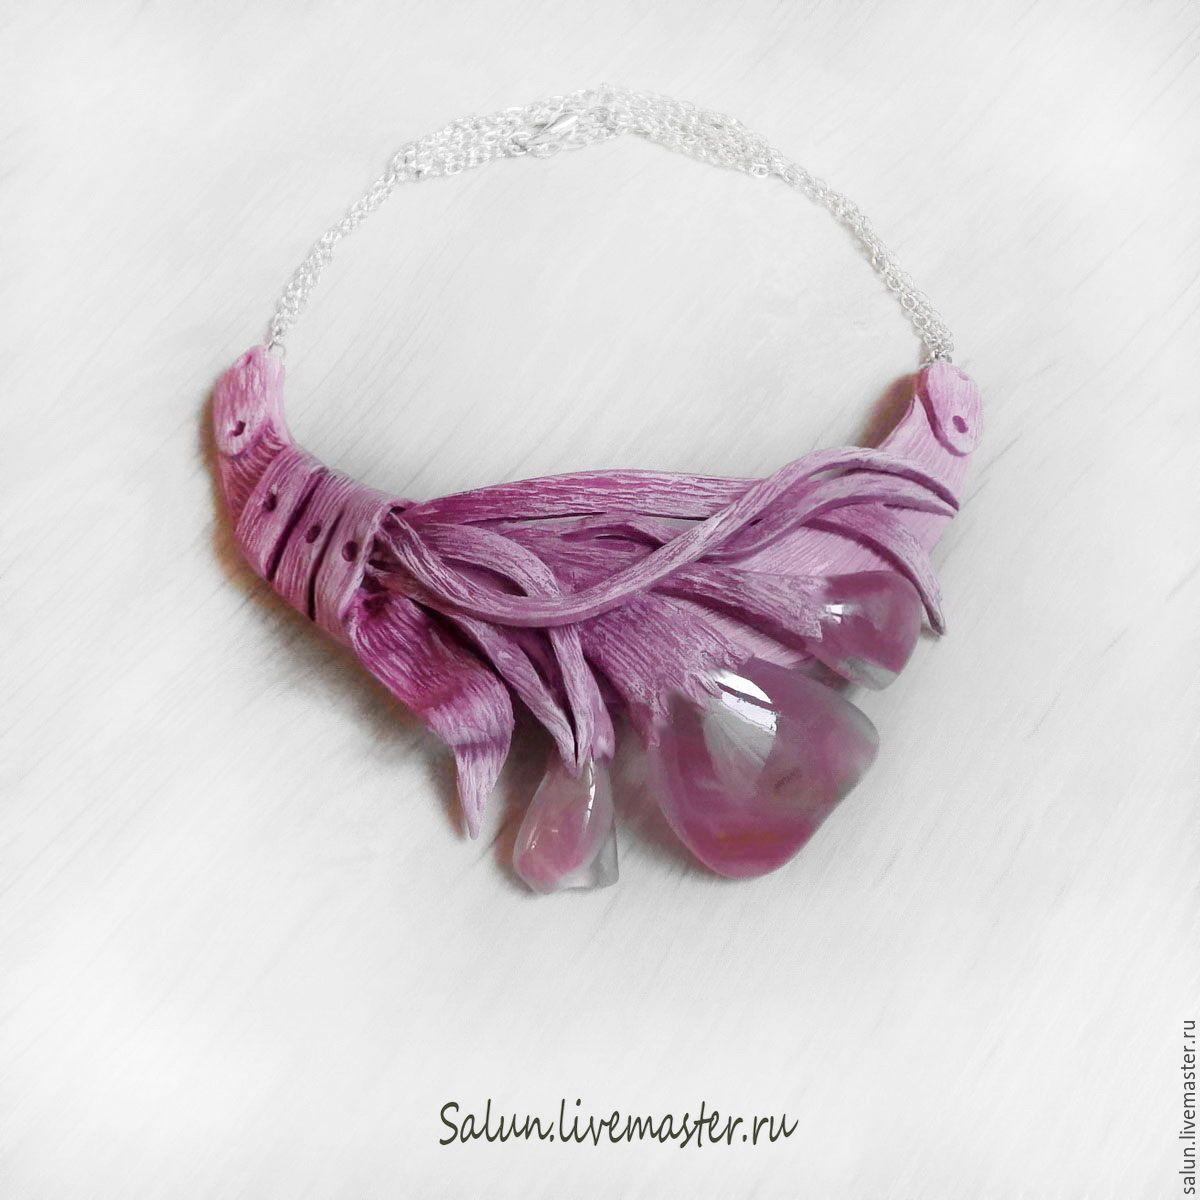 Купить Колье Розовая дымка из полимерной глины и стекла - купить колье, колье со стеклом